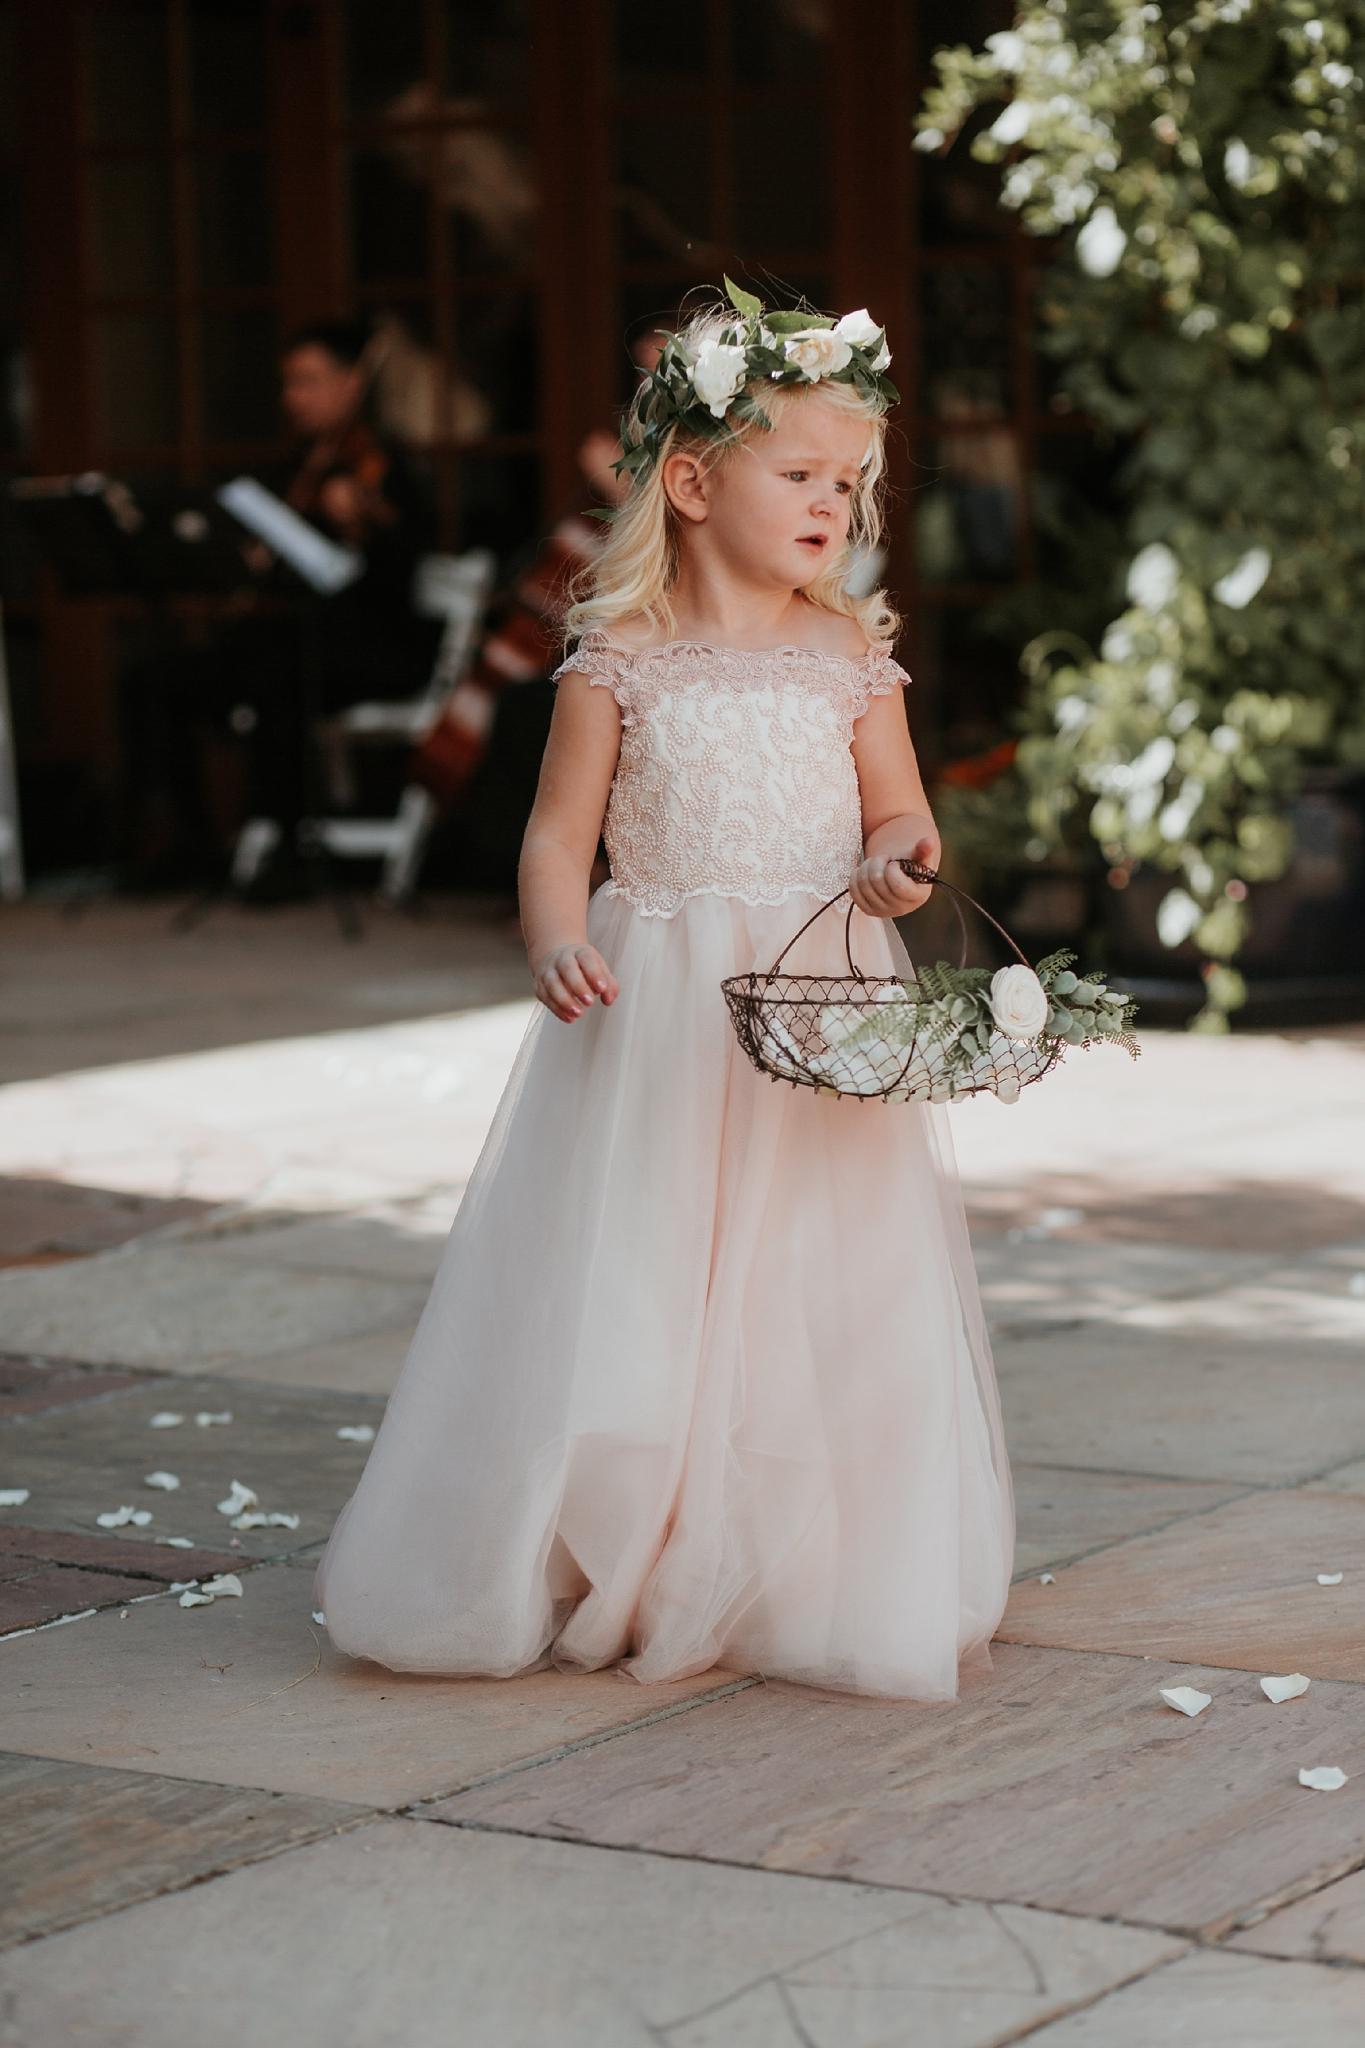 Alicia+lucia+photography+-+albuquerque+wedding+photographer+-+santa+fe+wedding+photography+-+new+mexico+wedding+photographer+-+new+mexico+wedding+-+flower+girl+-+wedding+flower+girl_0022.jpg